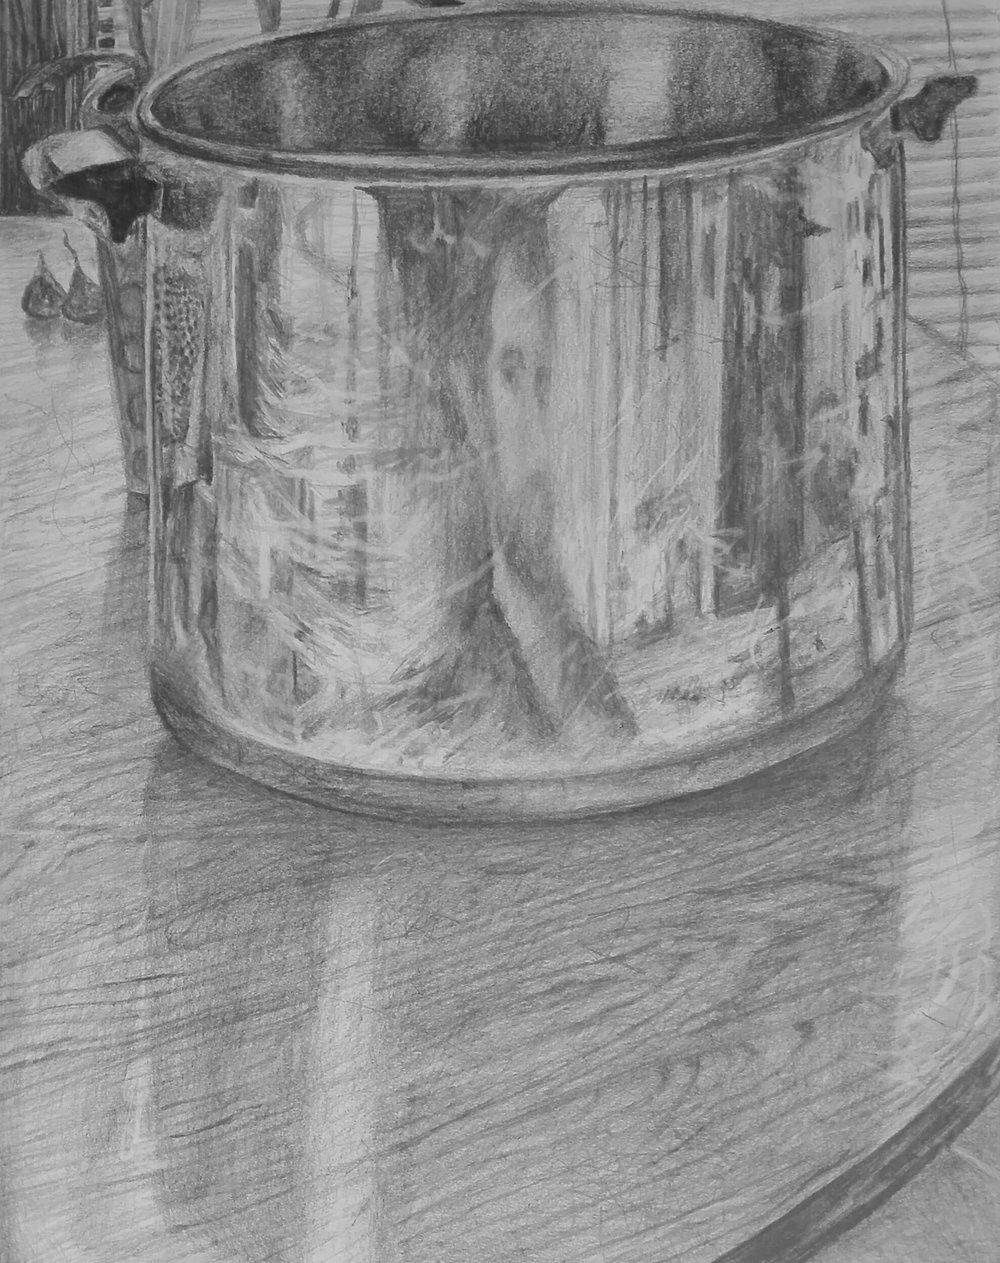 Soup Kettle Self Portrait